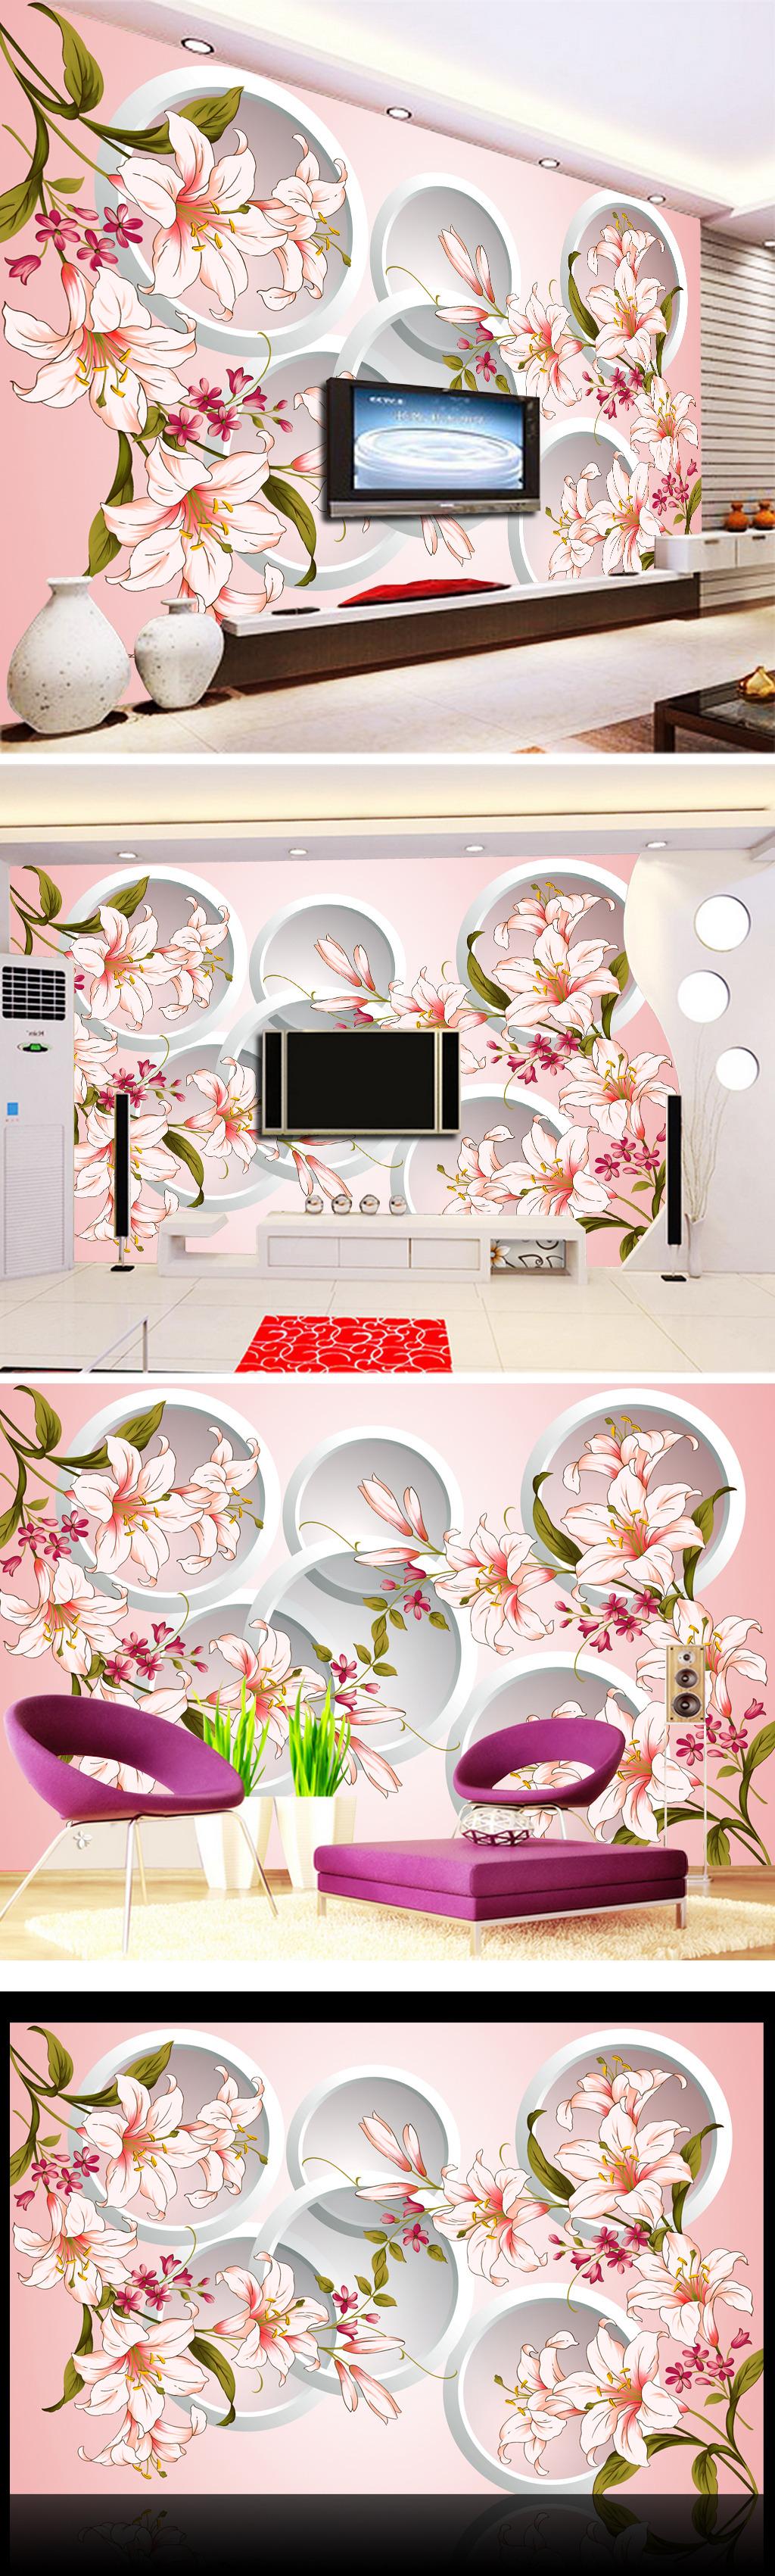 唯美 背景墙/[版权图片]唯美浪漫3D立体百合花背景墙